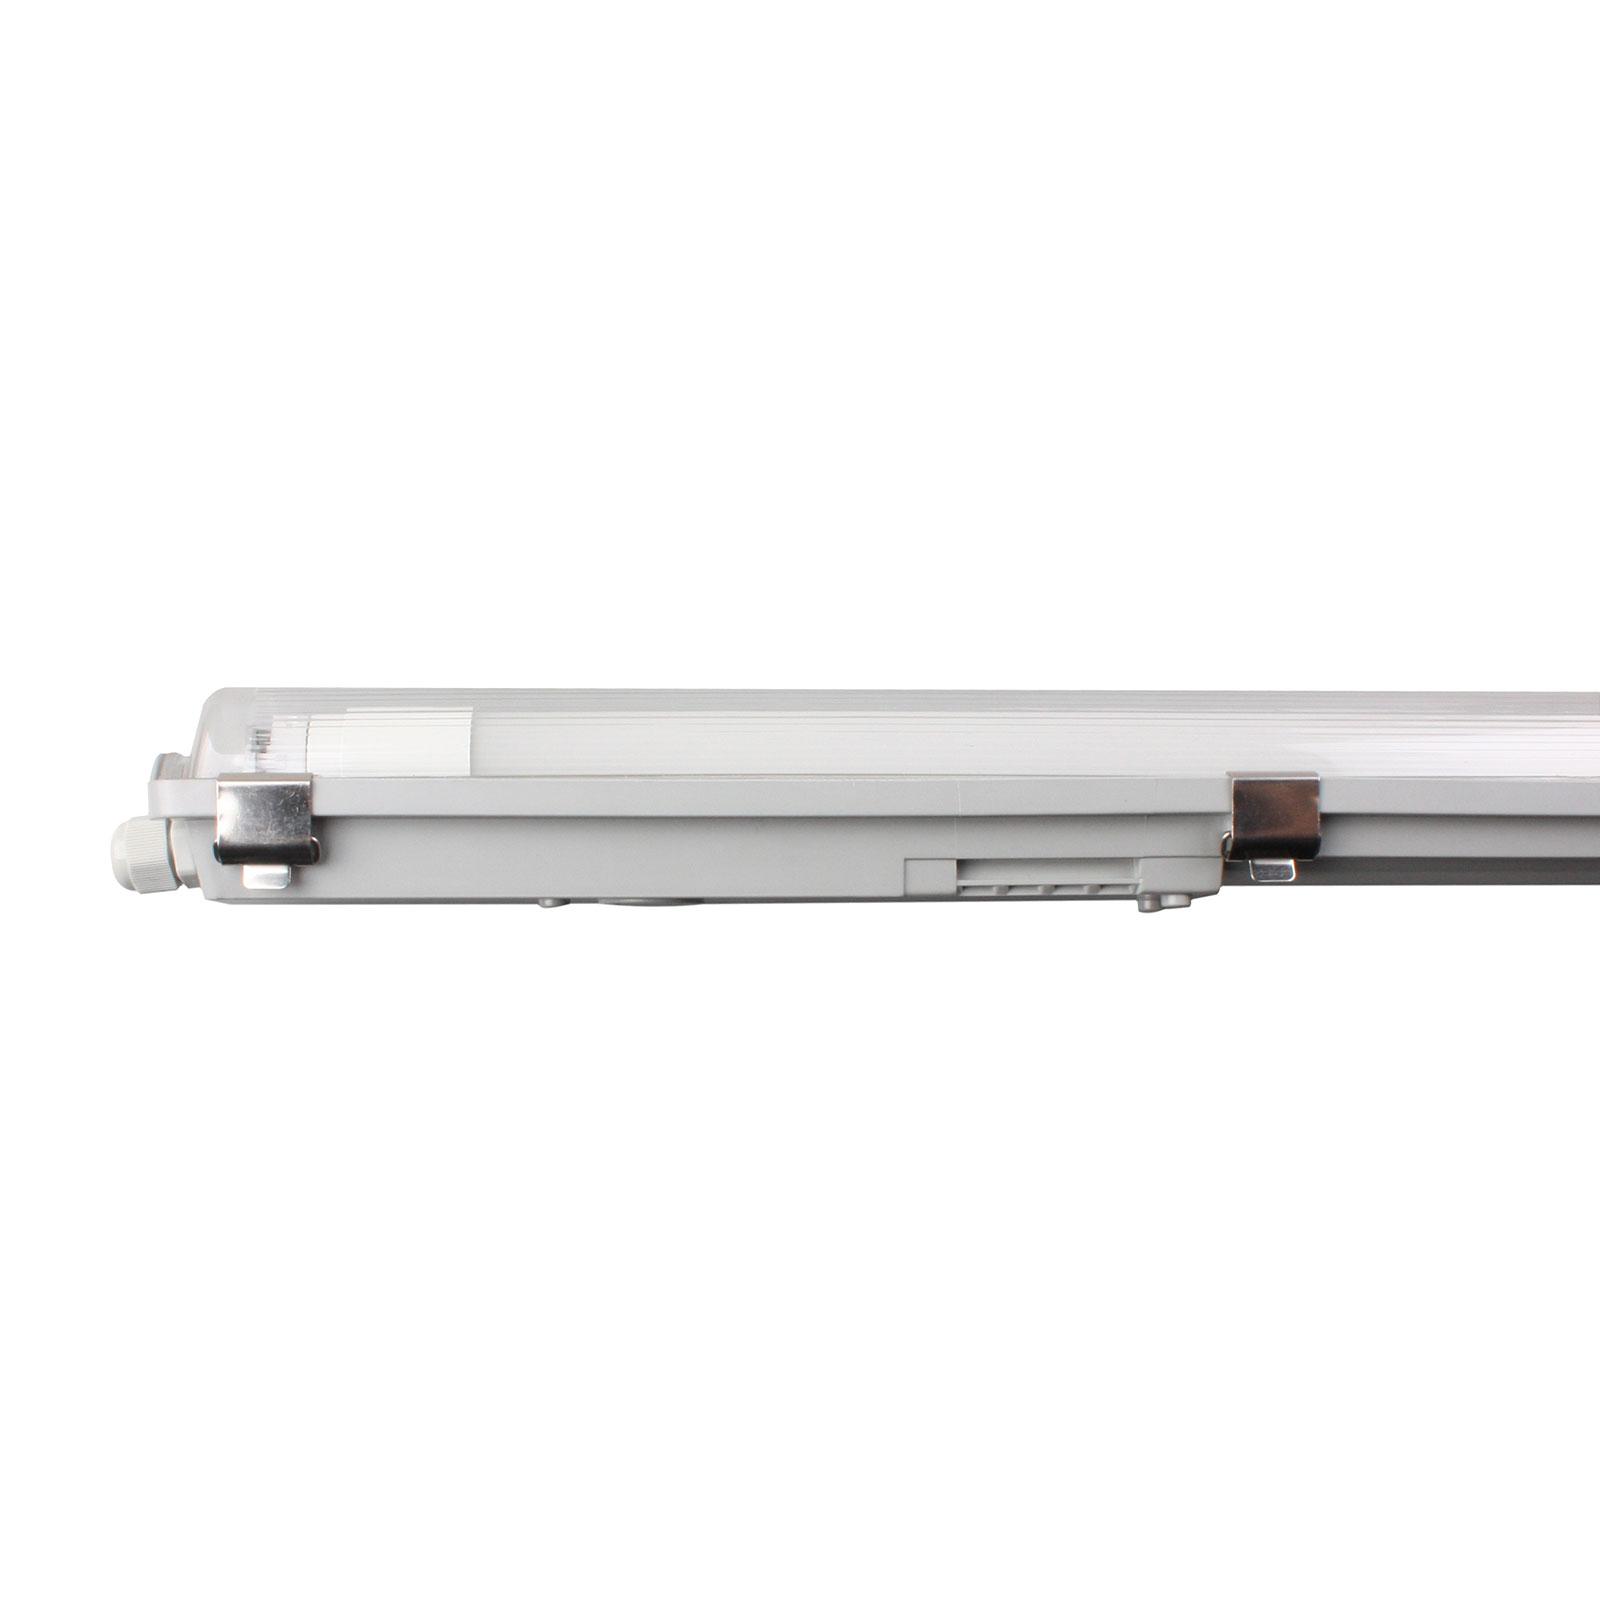 LED-kattovalaisin Aqua-Promo, yksilamppuinen 157